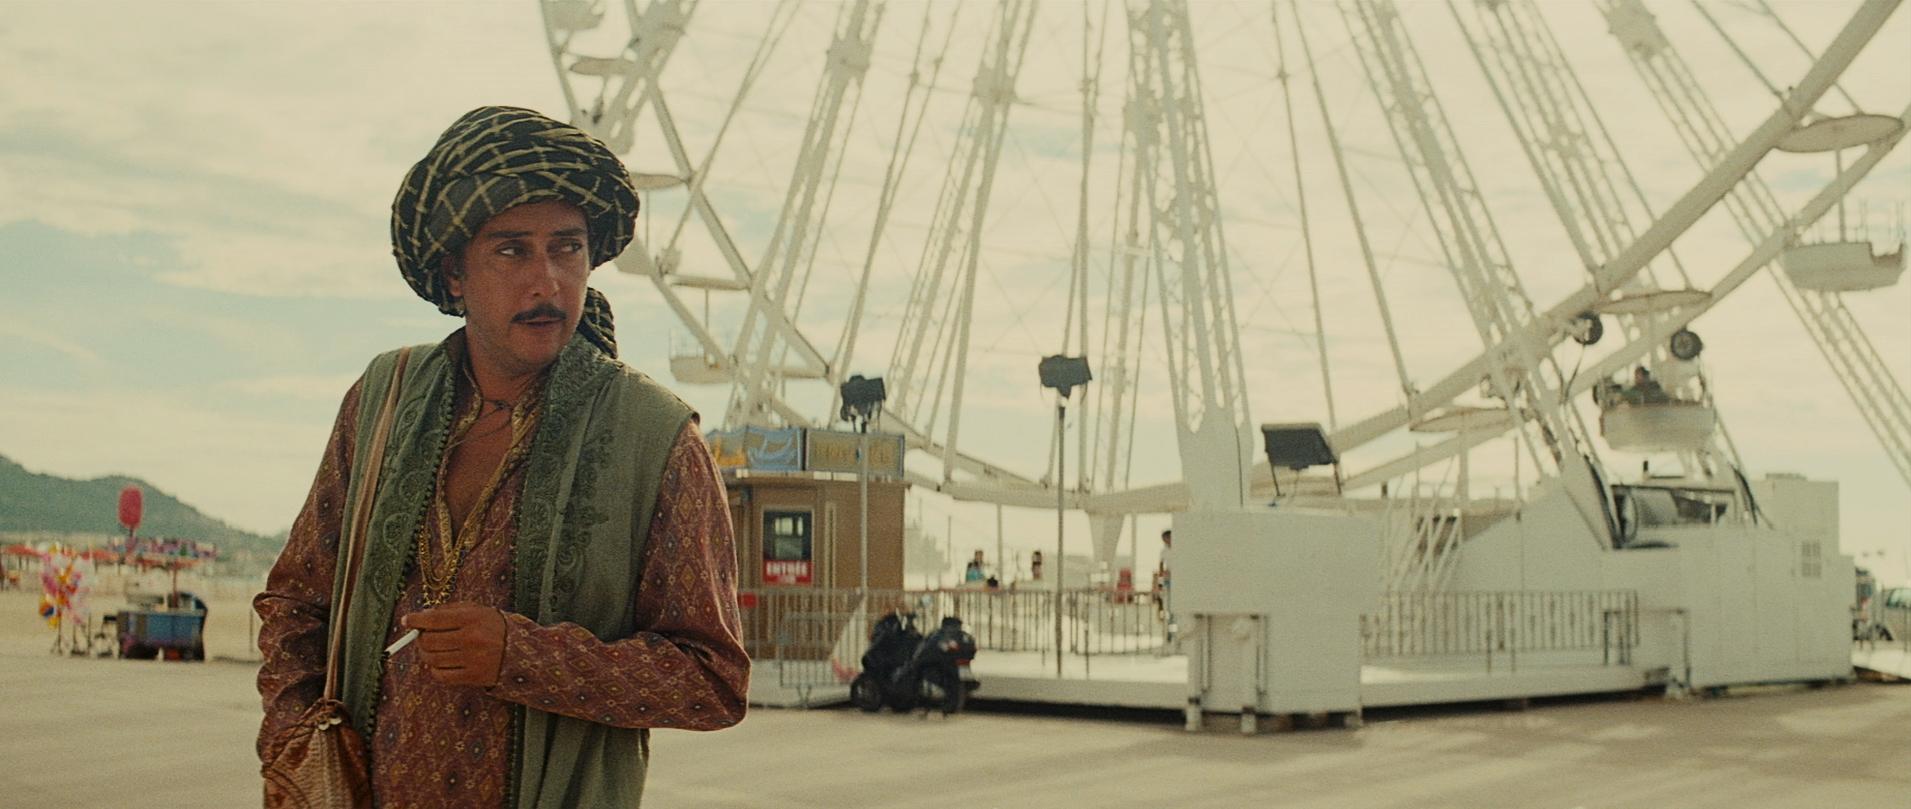 Miguel Gomes dans son film Les Mille et Une Nuits vol. 3, l'enchanté